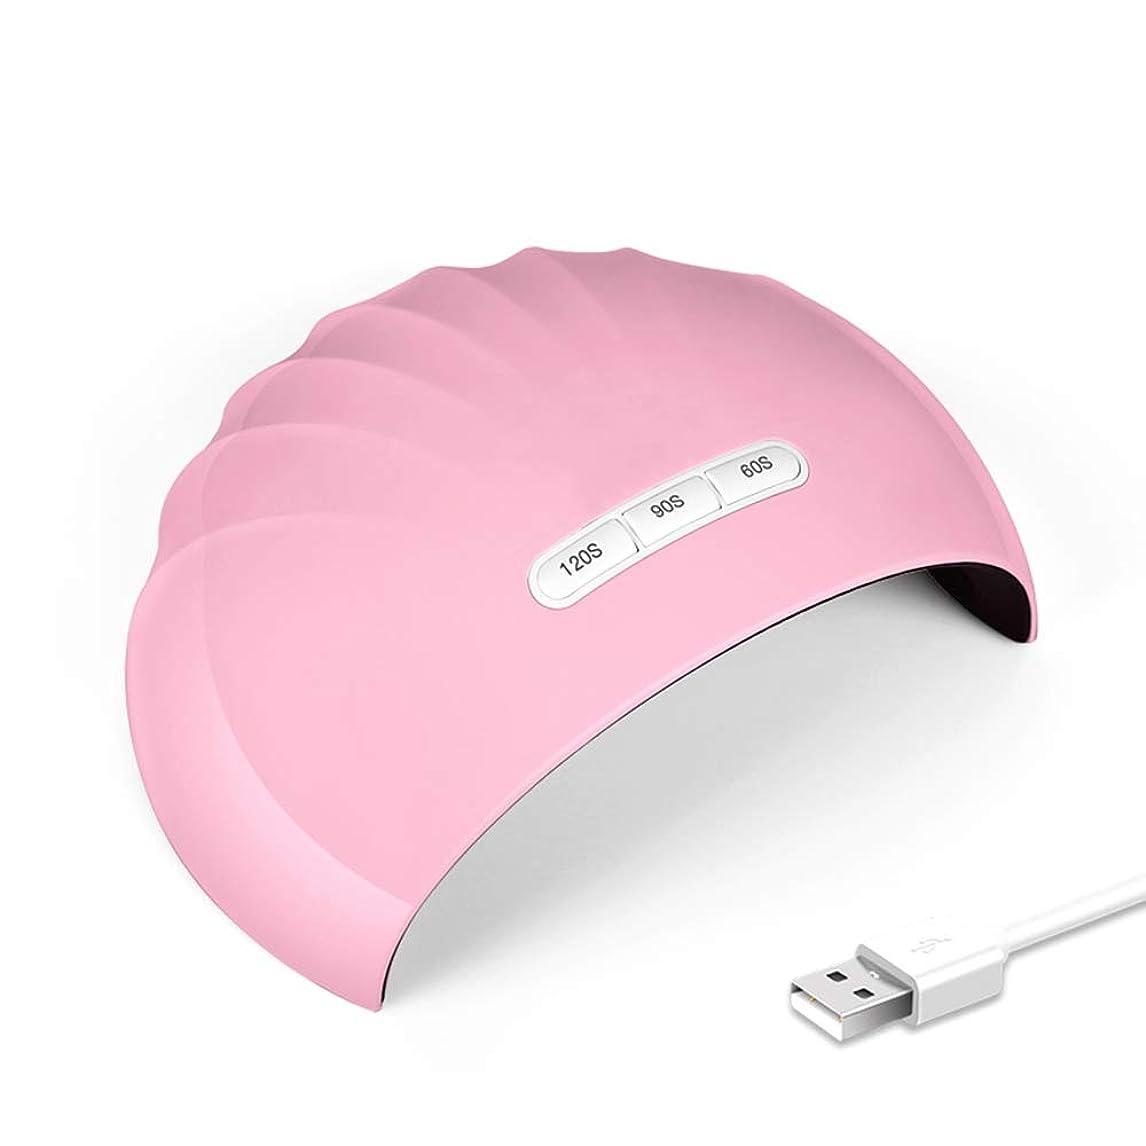 リクルート更新する昇進36W UV 光 LED ネイルドライヤー硬化ランプ用爪 & 爪ゲルベースポリッシュセンサー付き, 60 年代 90 120 秒タイマー,Pink